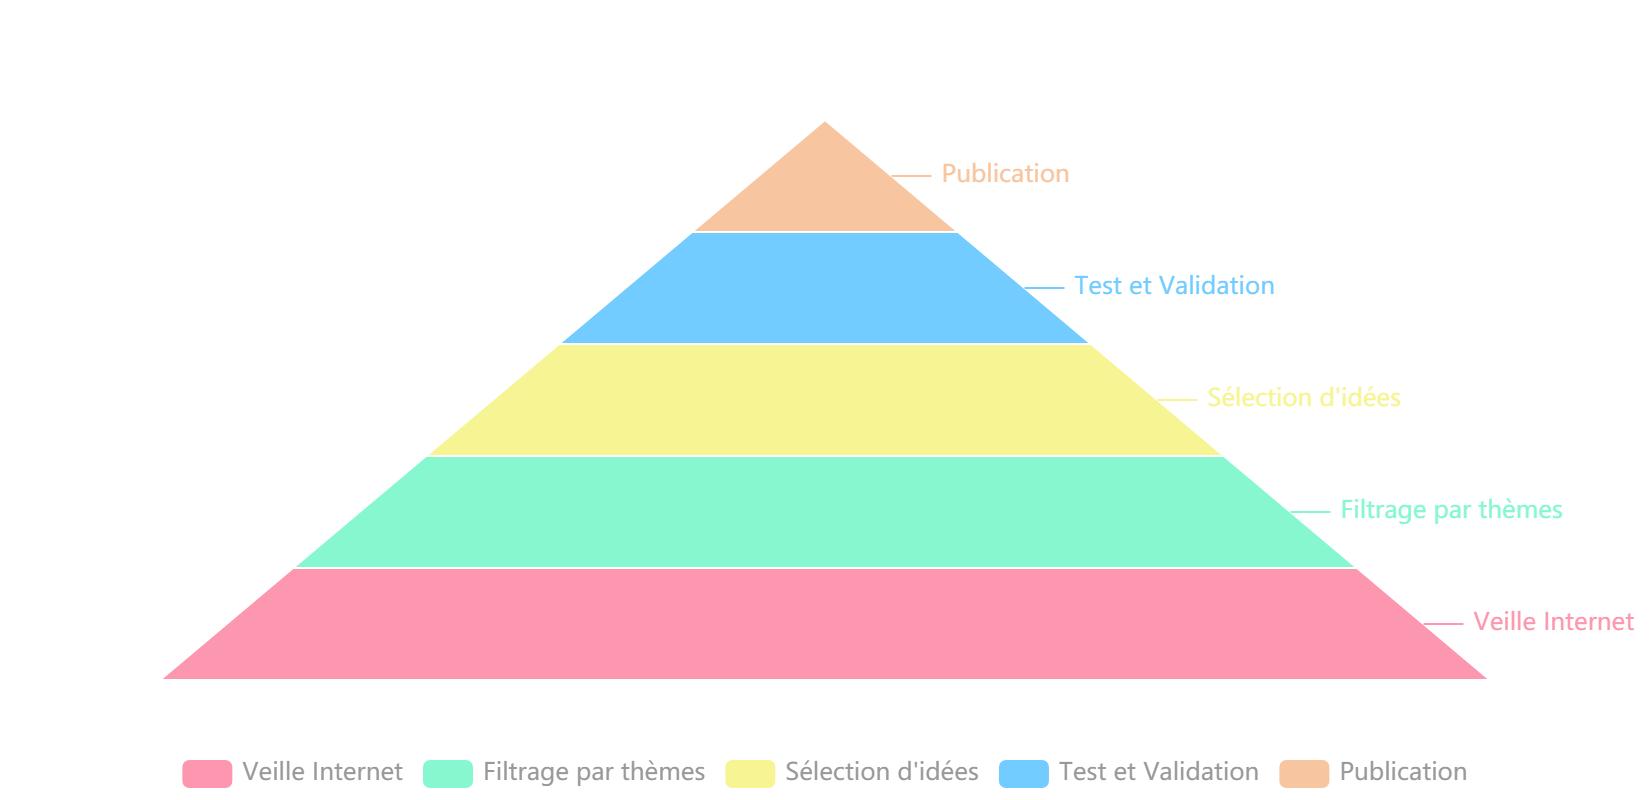 charts-factory-pyramide-etape-publication Créer et télécharger de jolis graphiques et diagrammes avec le site Charts Factory